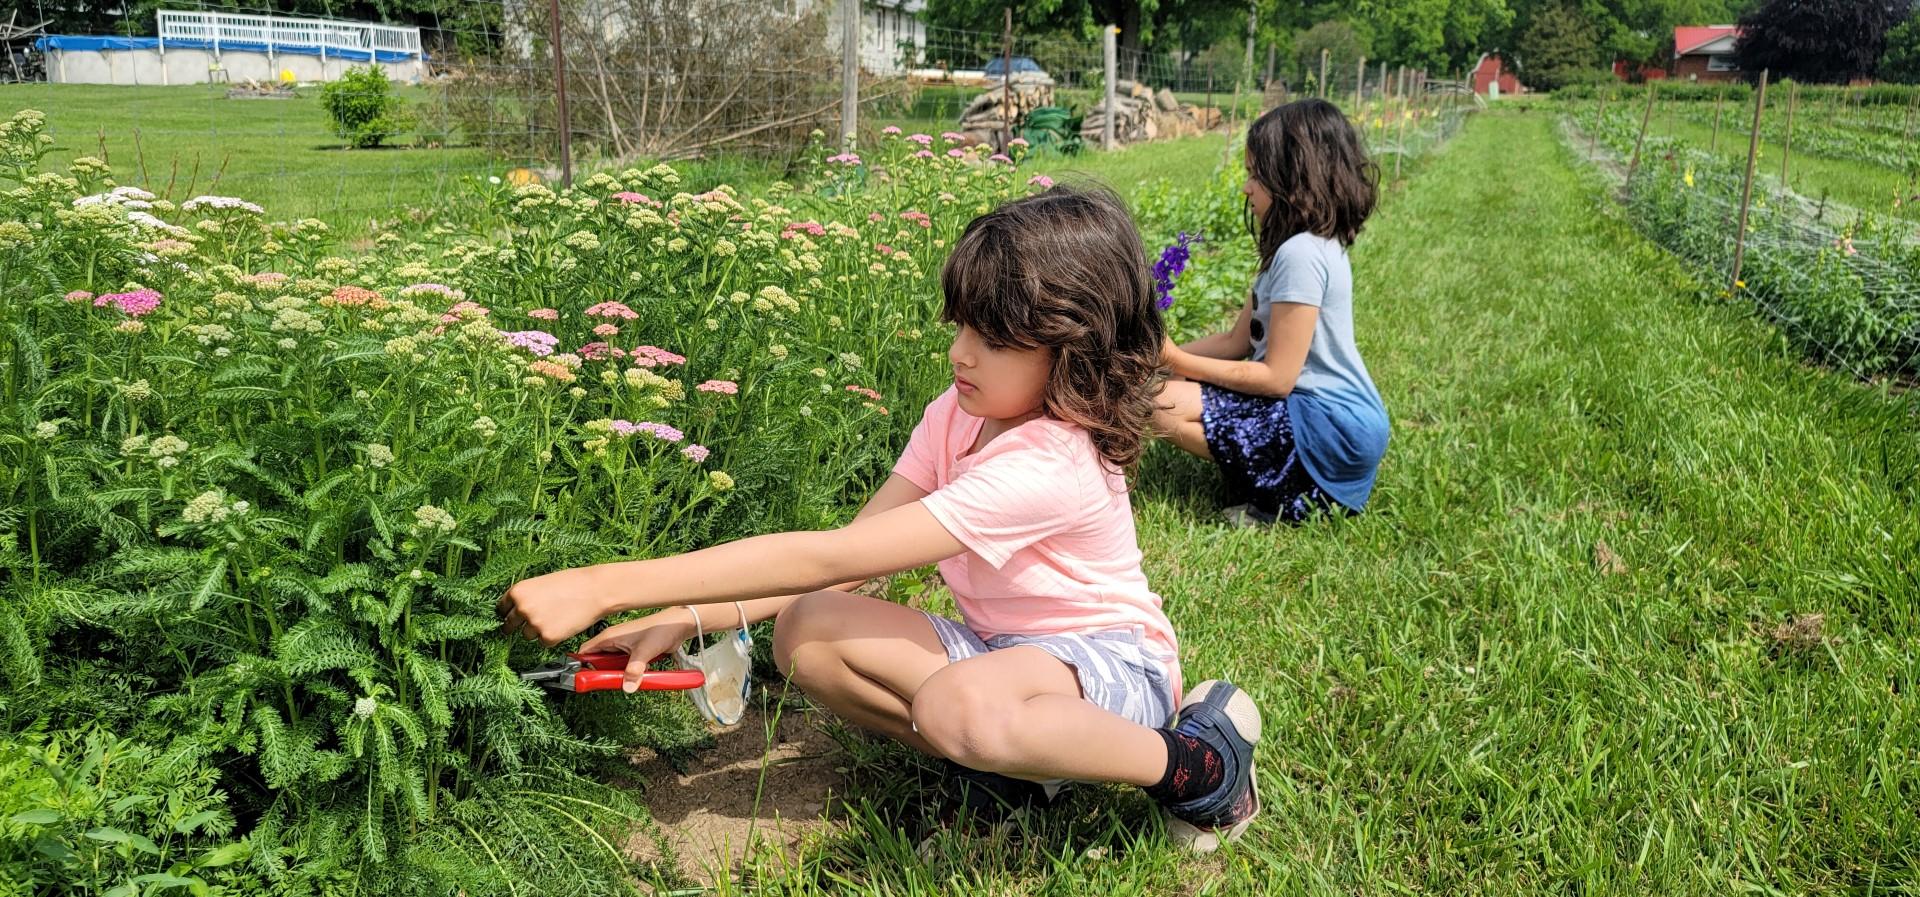 boy cutting flowers at u pick farm Ontario